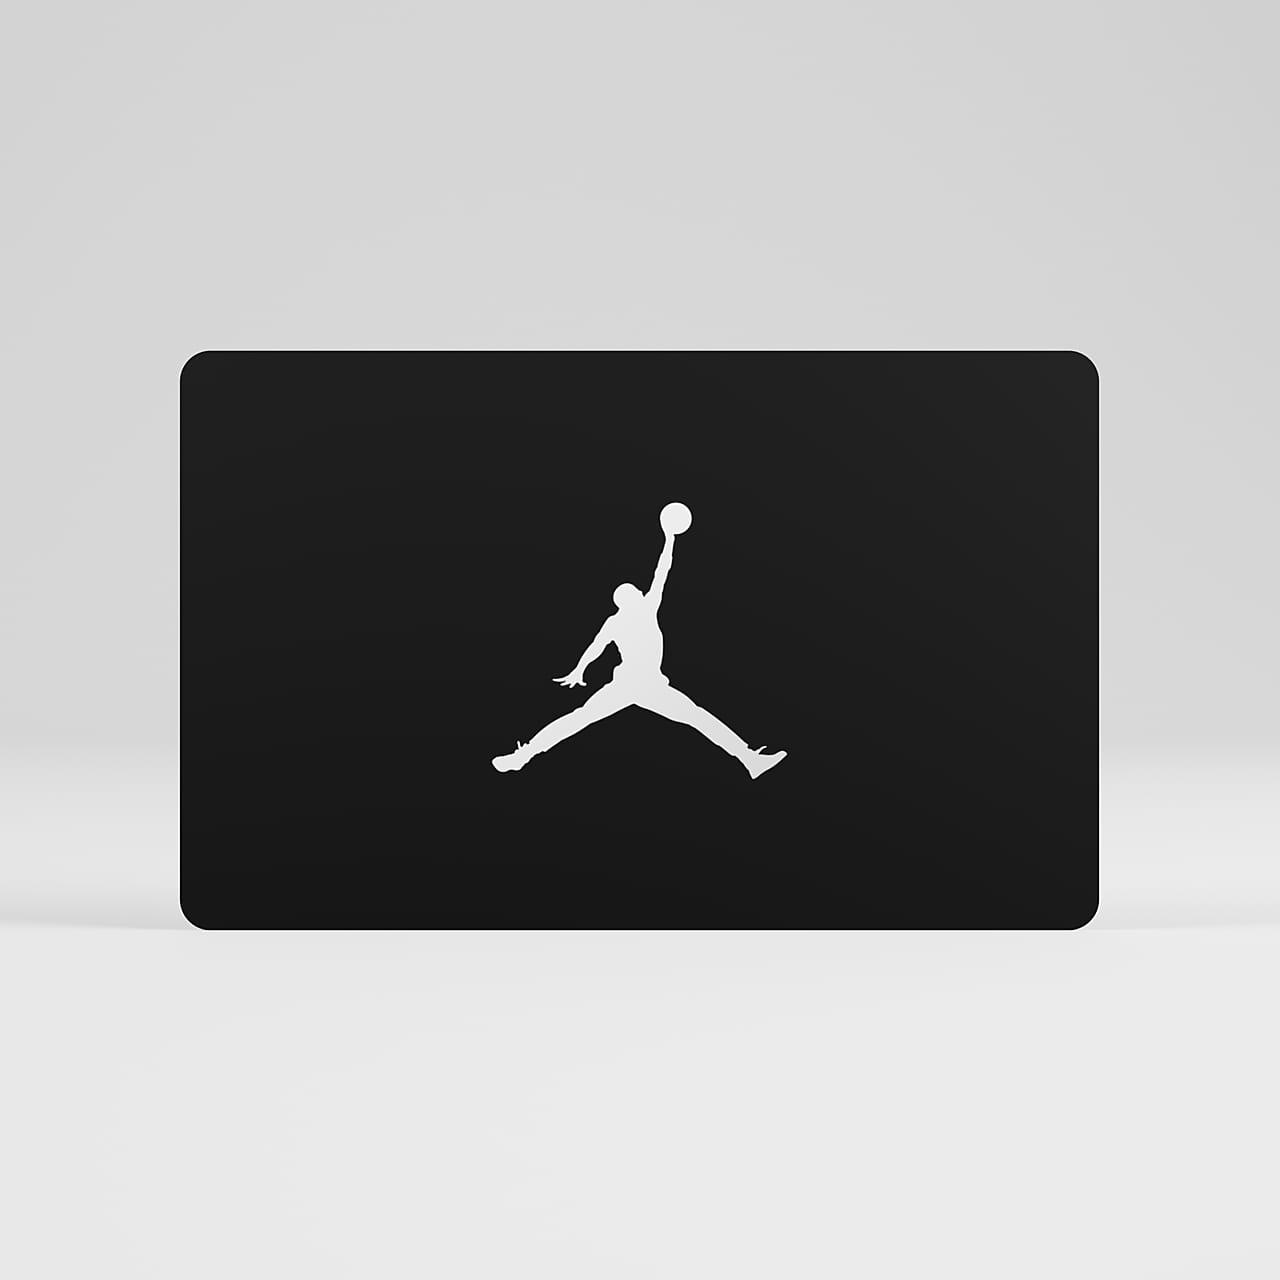 Targeta de regal Nike